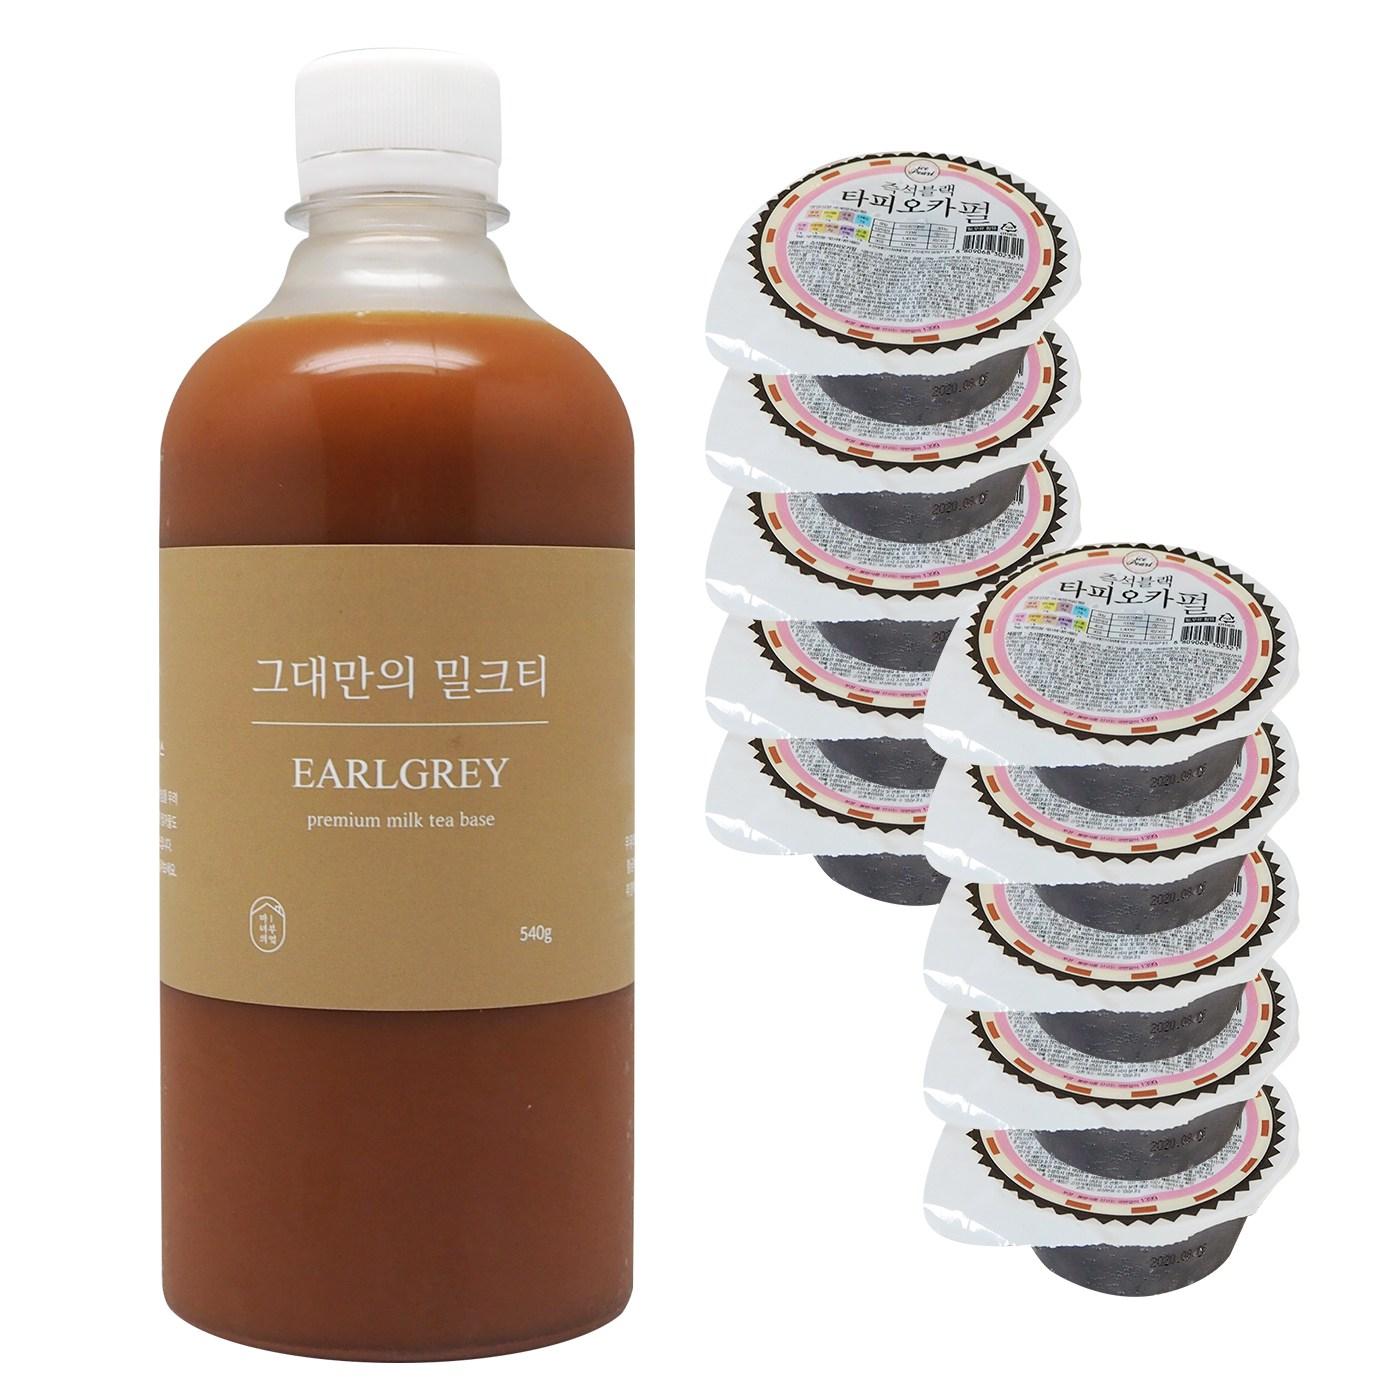 마녀의부엌 대용량 얼그레이 타피오카펄 10개세트 블랙버블밀크티 1개